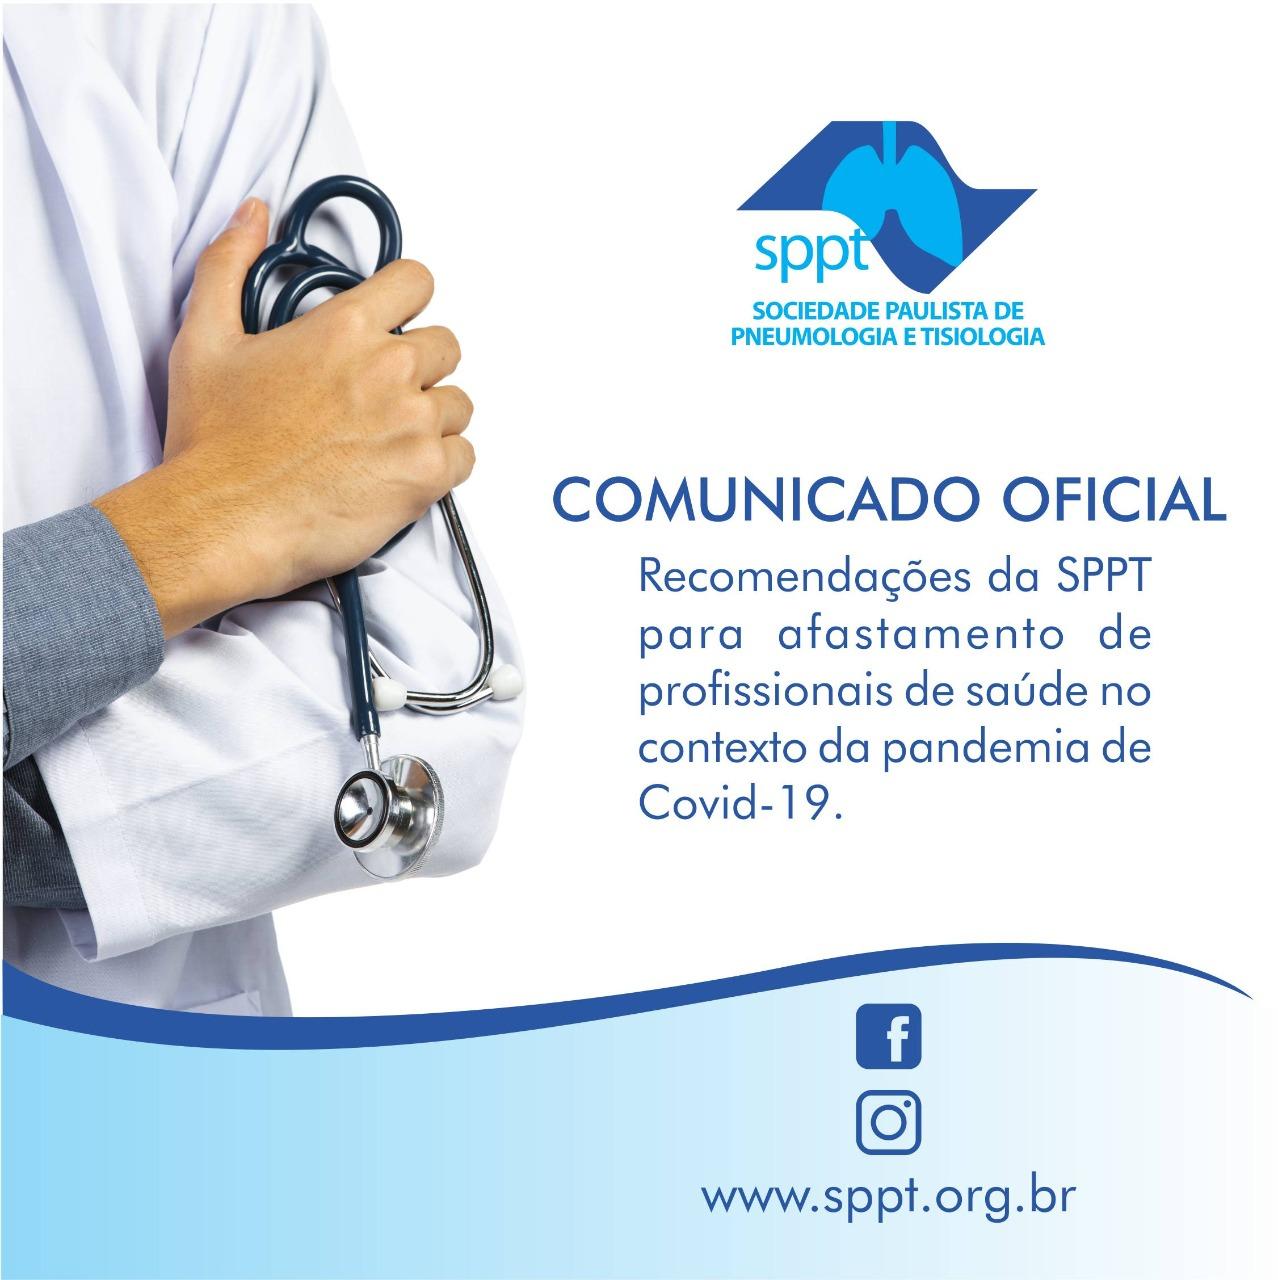 Recomendações da SPPT para afastamento de profissionais de saúde no contexto da pandemia de Covid-19